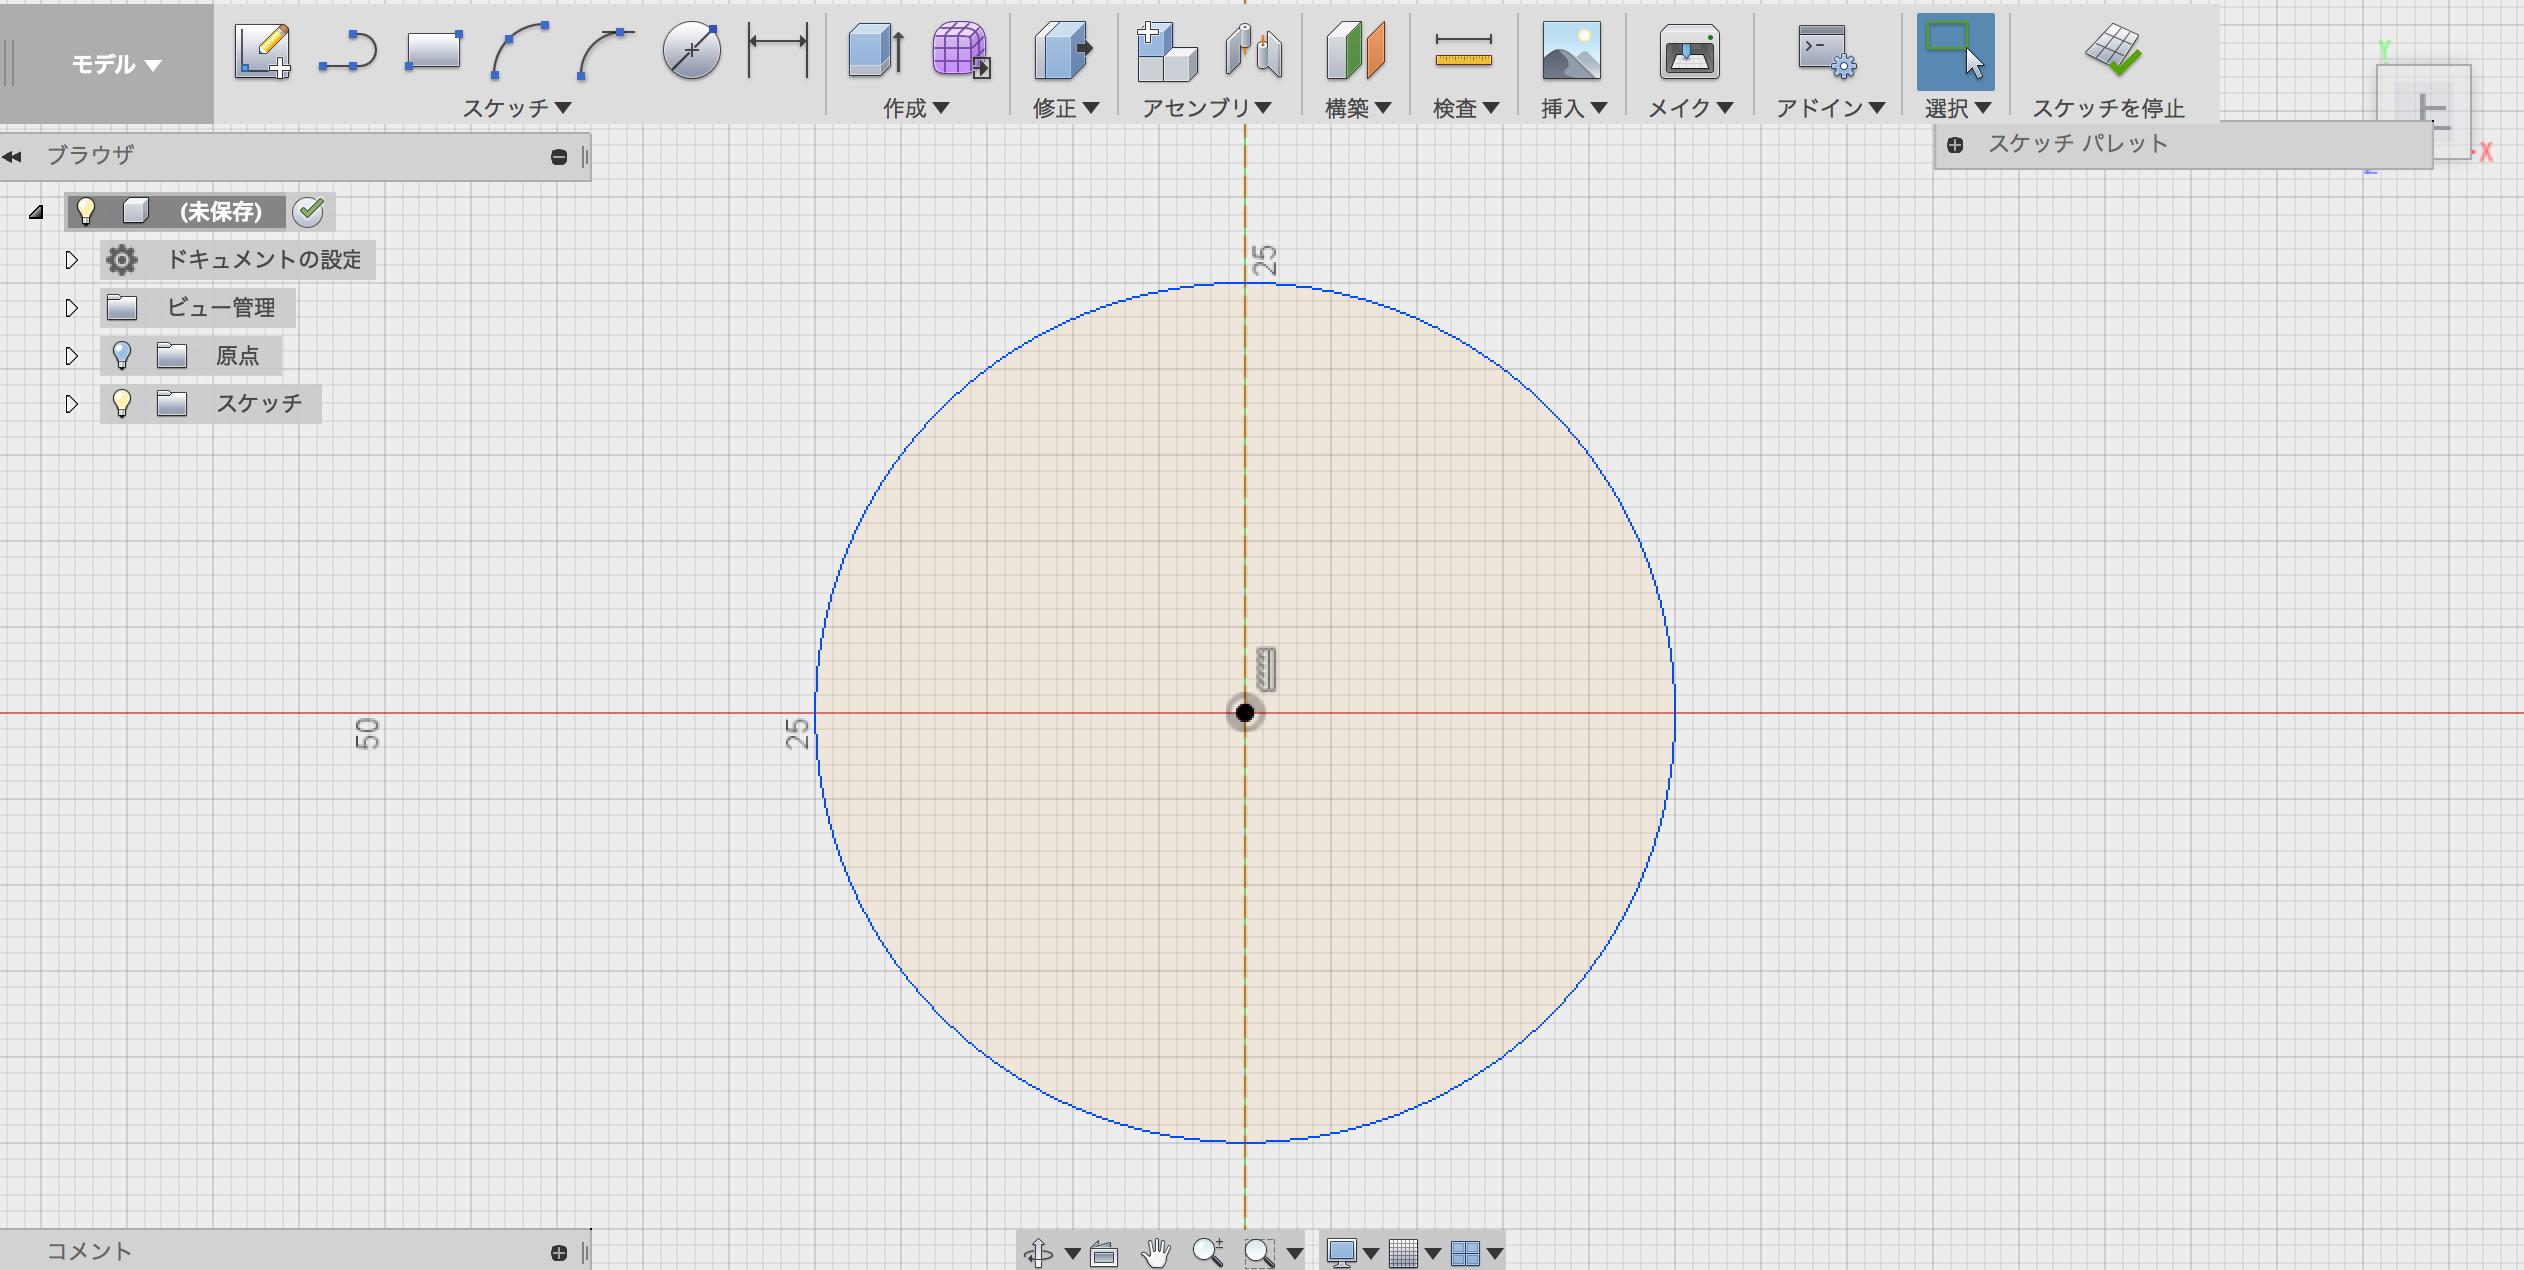 原点に円を描く